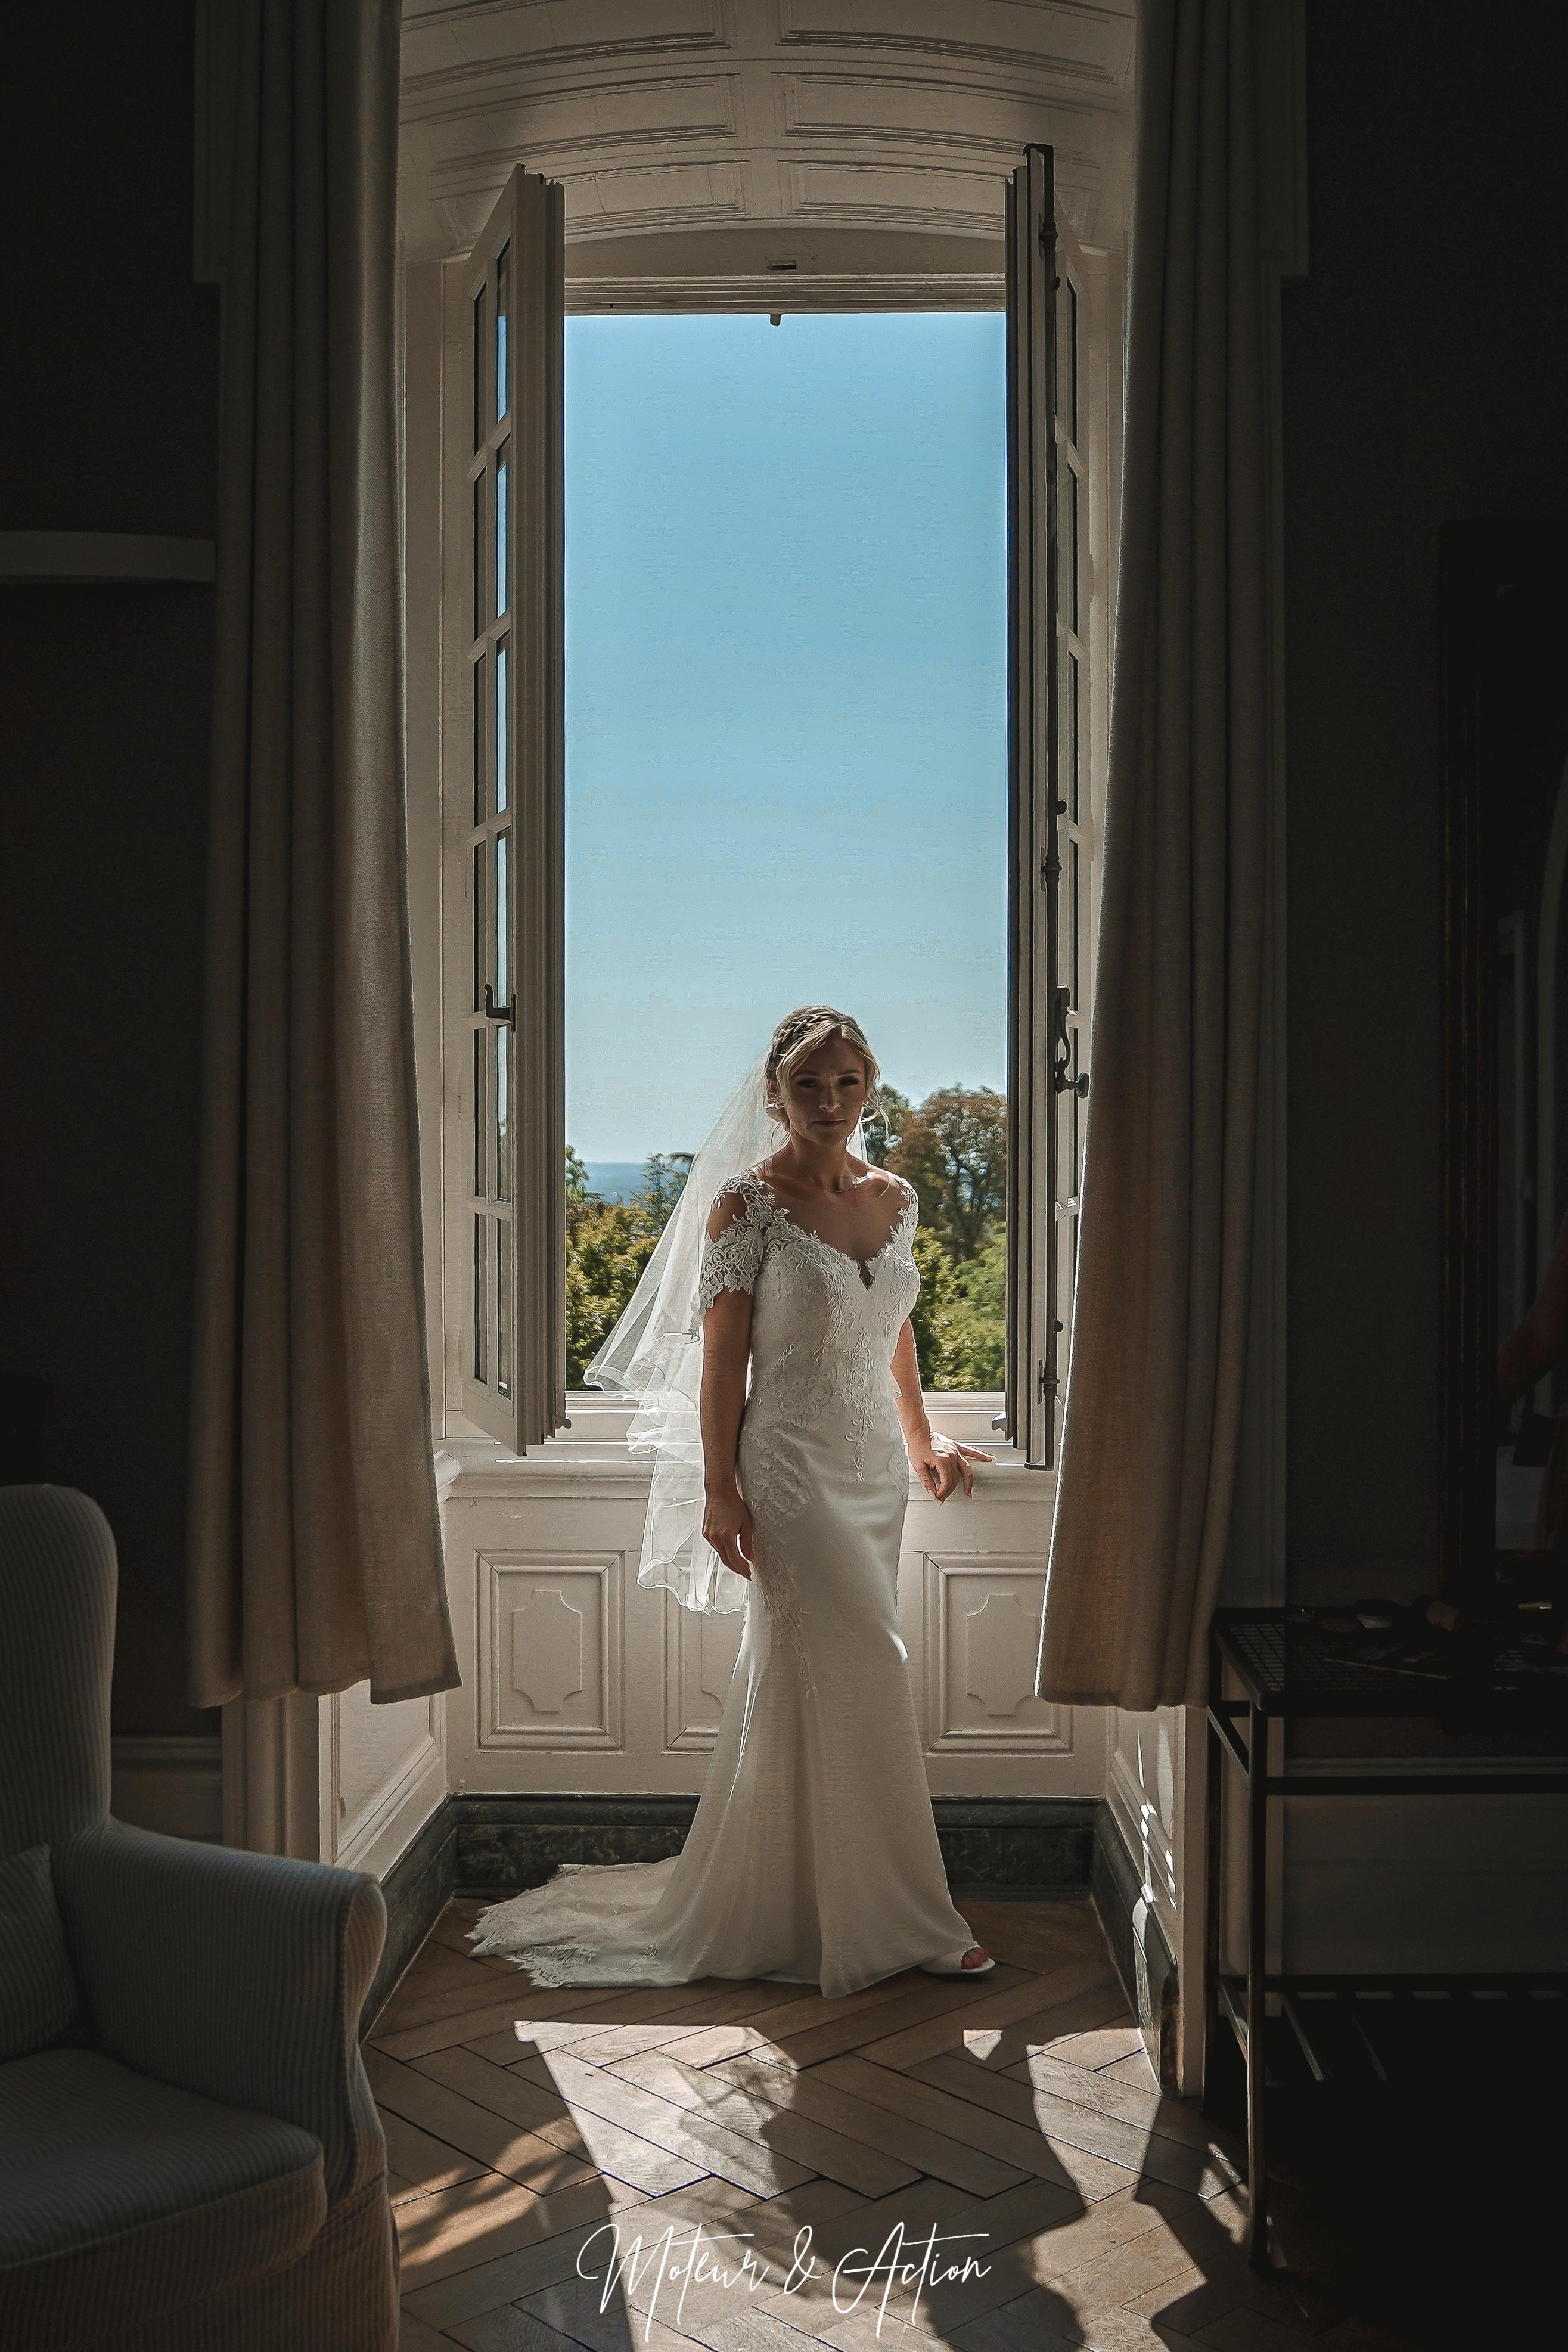 vphoto moteur et action photographe macon mariage numerisation videaste film